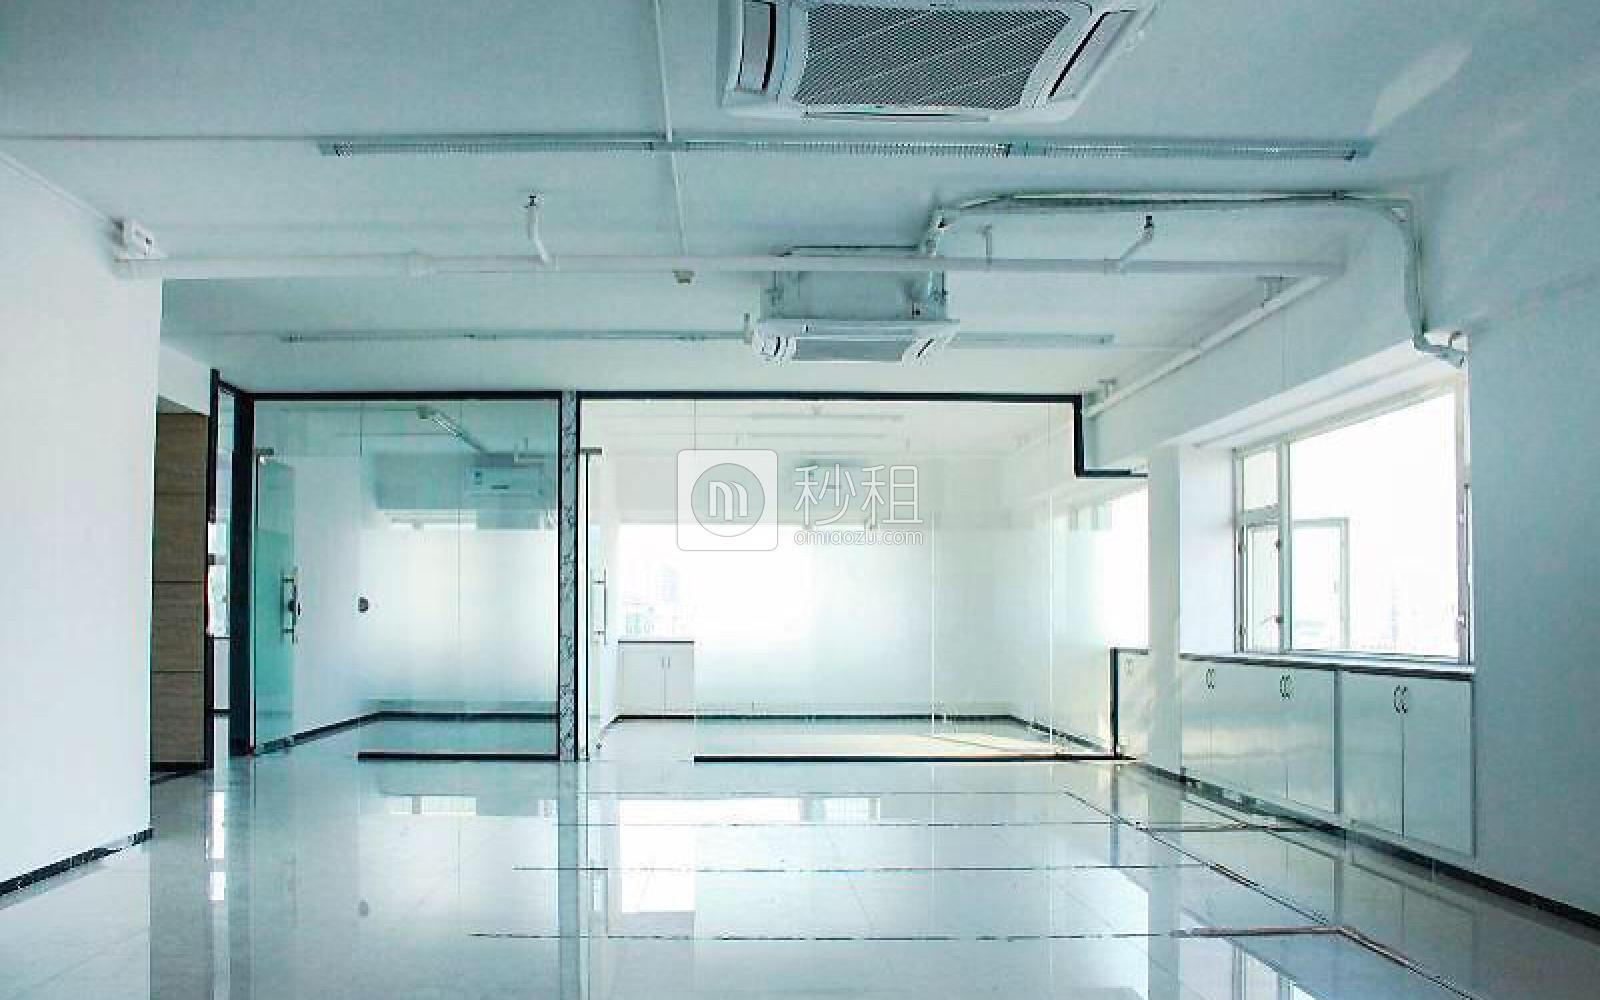 福田-车公庙 英龙展业大厦 280m²